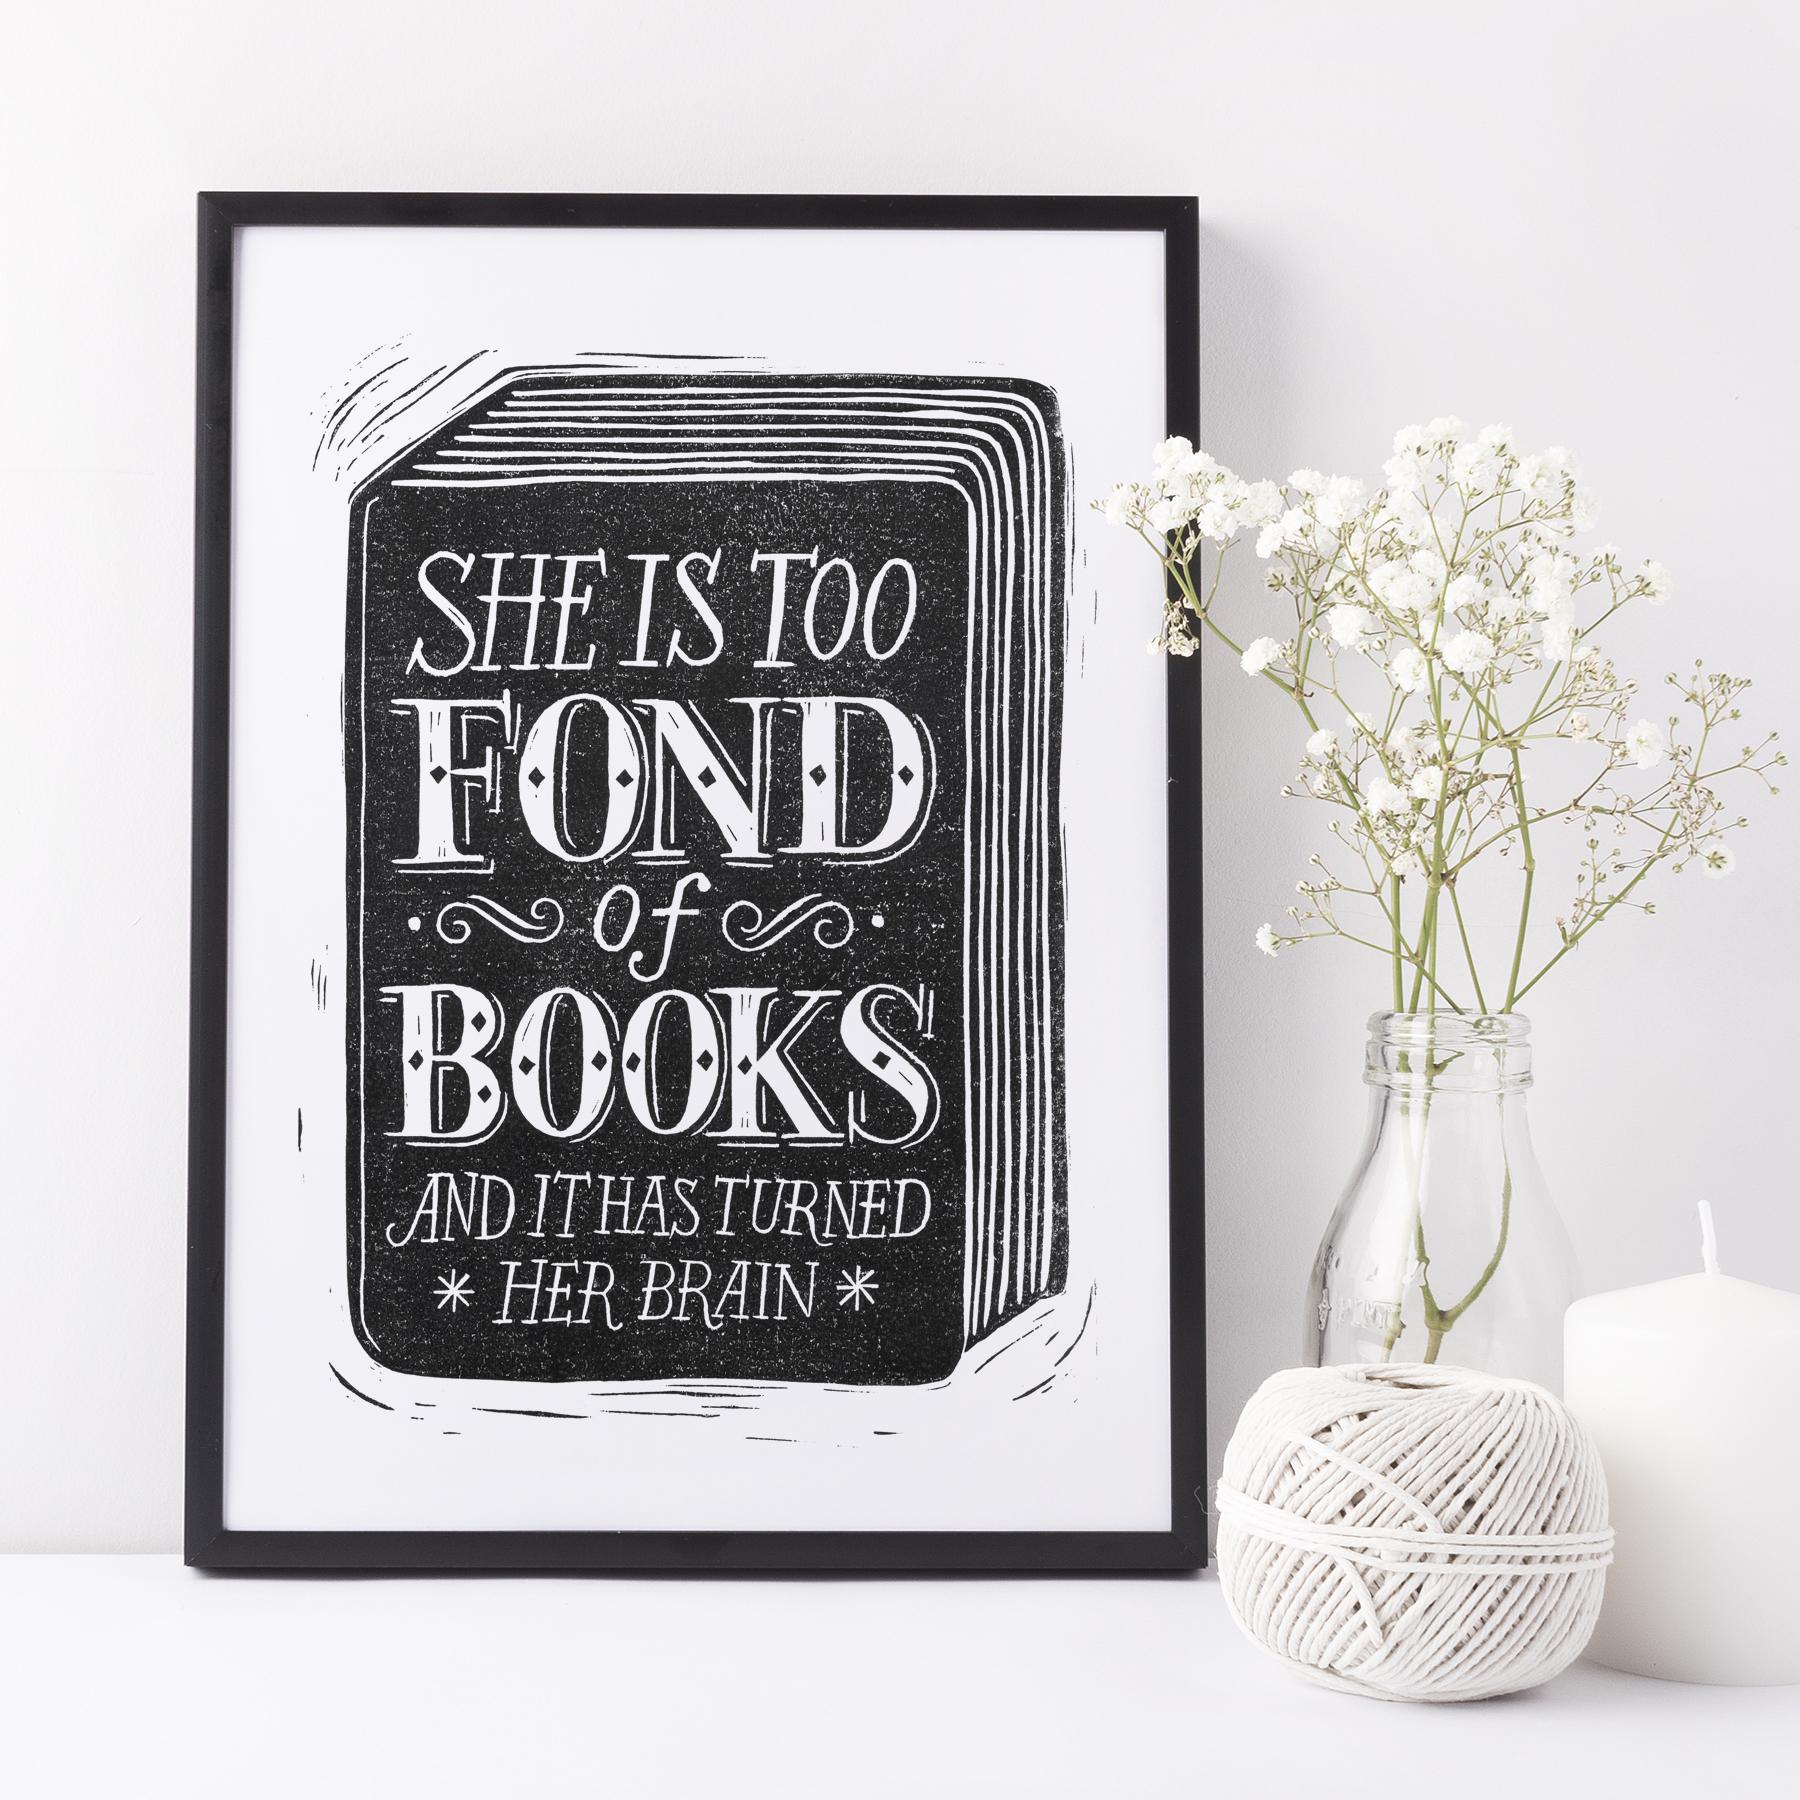 fond.of.books.original.lino.black.frame